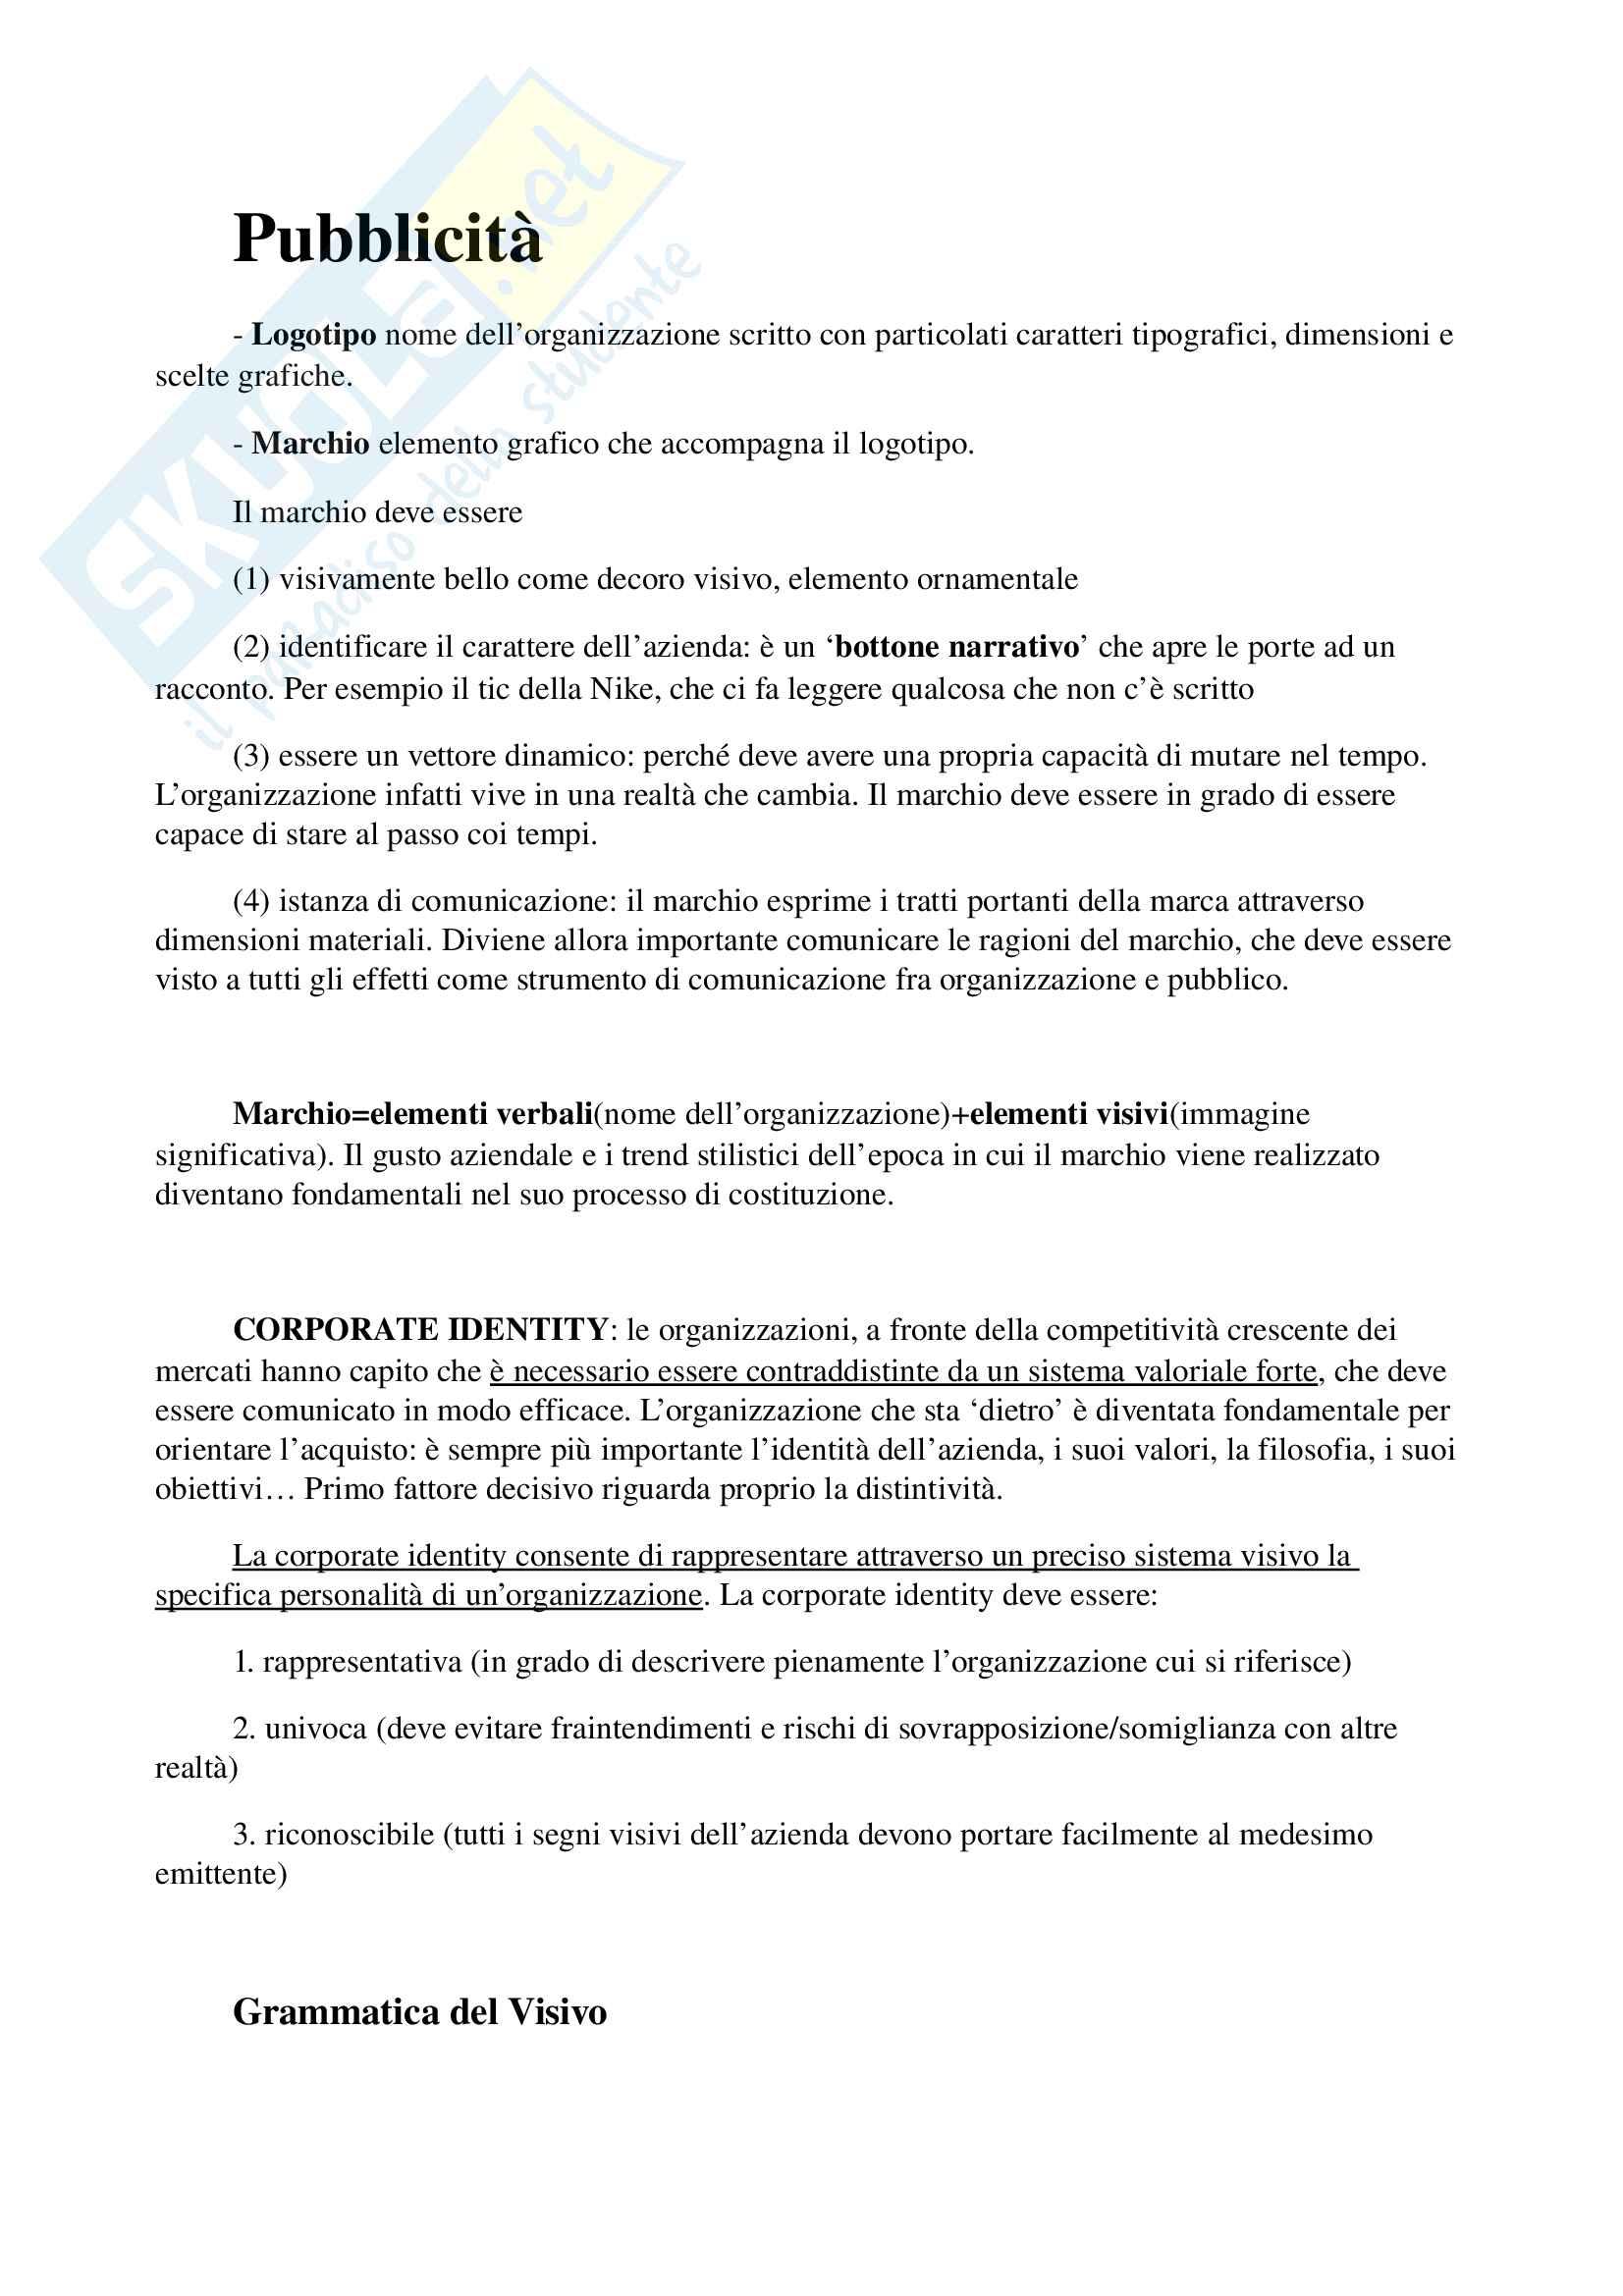 Appunti per esame di storia e linguaggi della pubblicità, prof. Musso, libro consigliato 'Brand Reloading - Patrizia Musso' Pag. 2